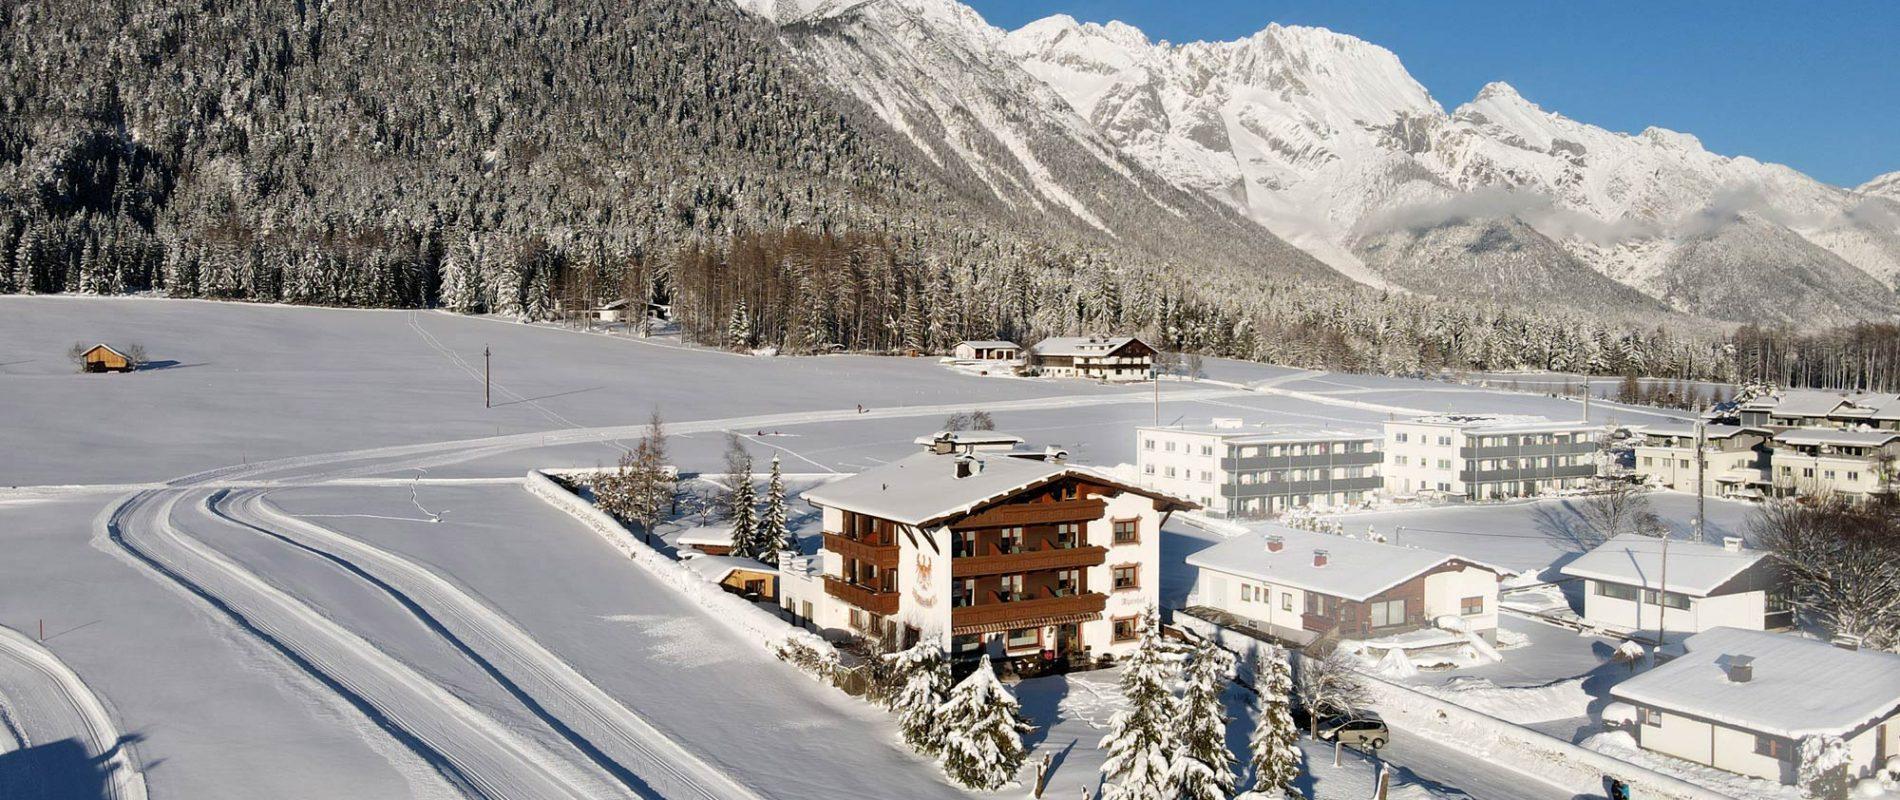 Alpenhof Obsteig Langlaufloipen vom Haus weg